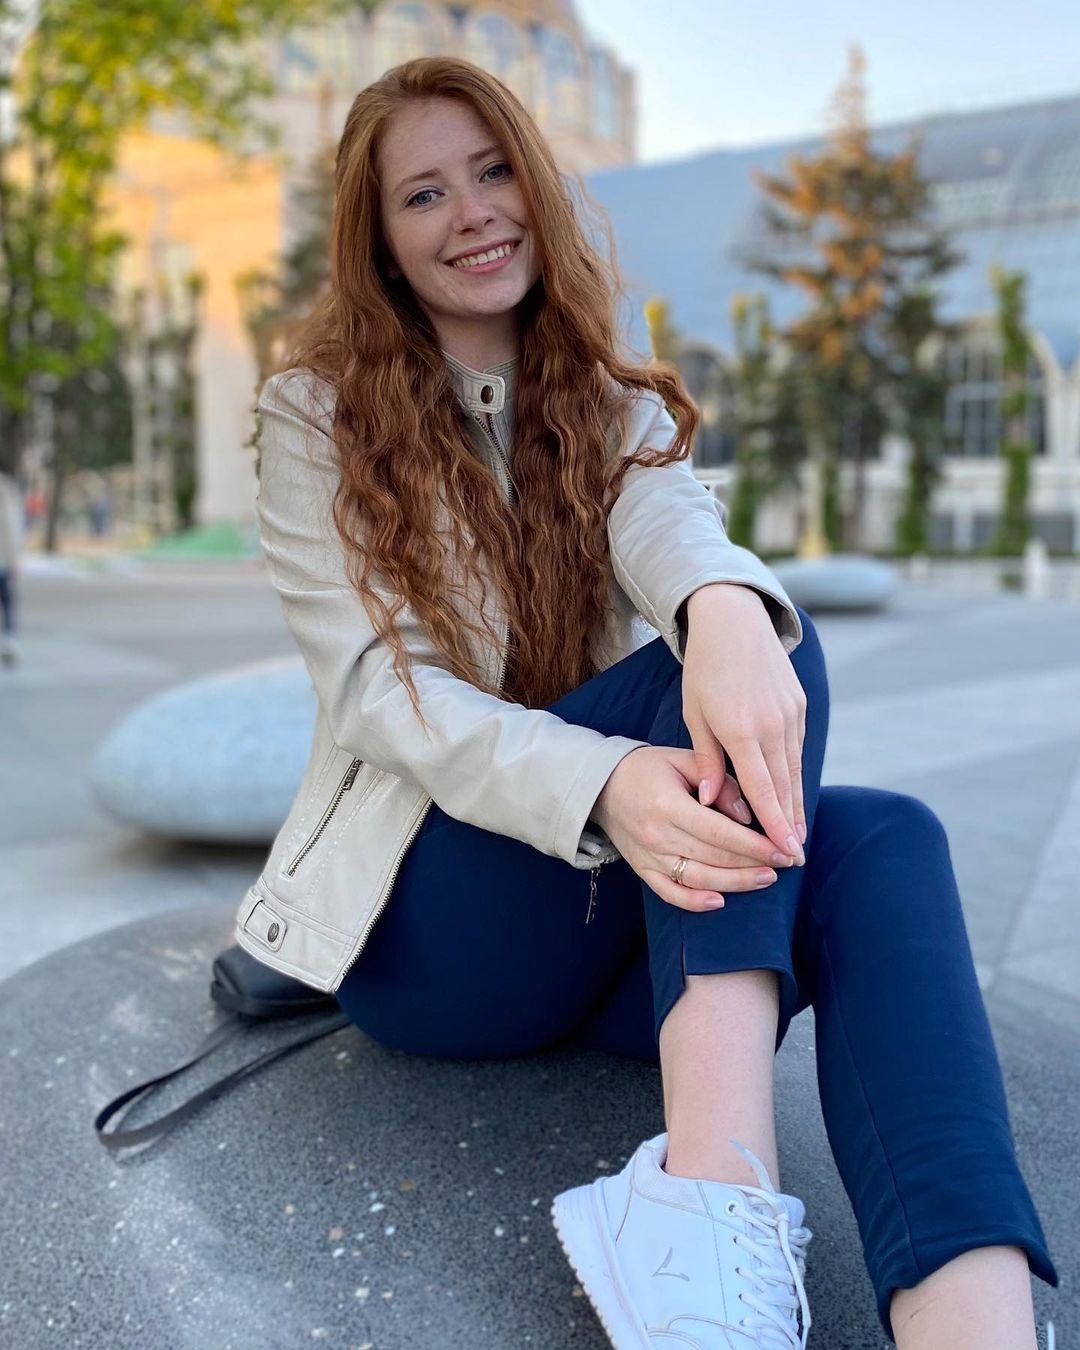 Anastasiya-Solenova-Wallpapers-Insta-Fit-Bio-6